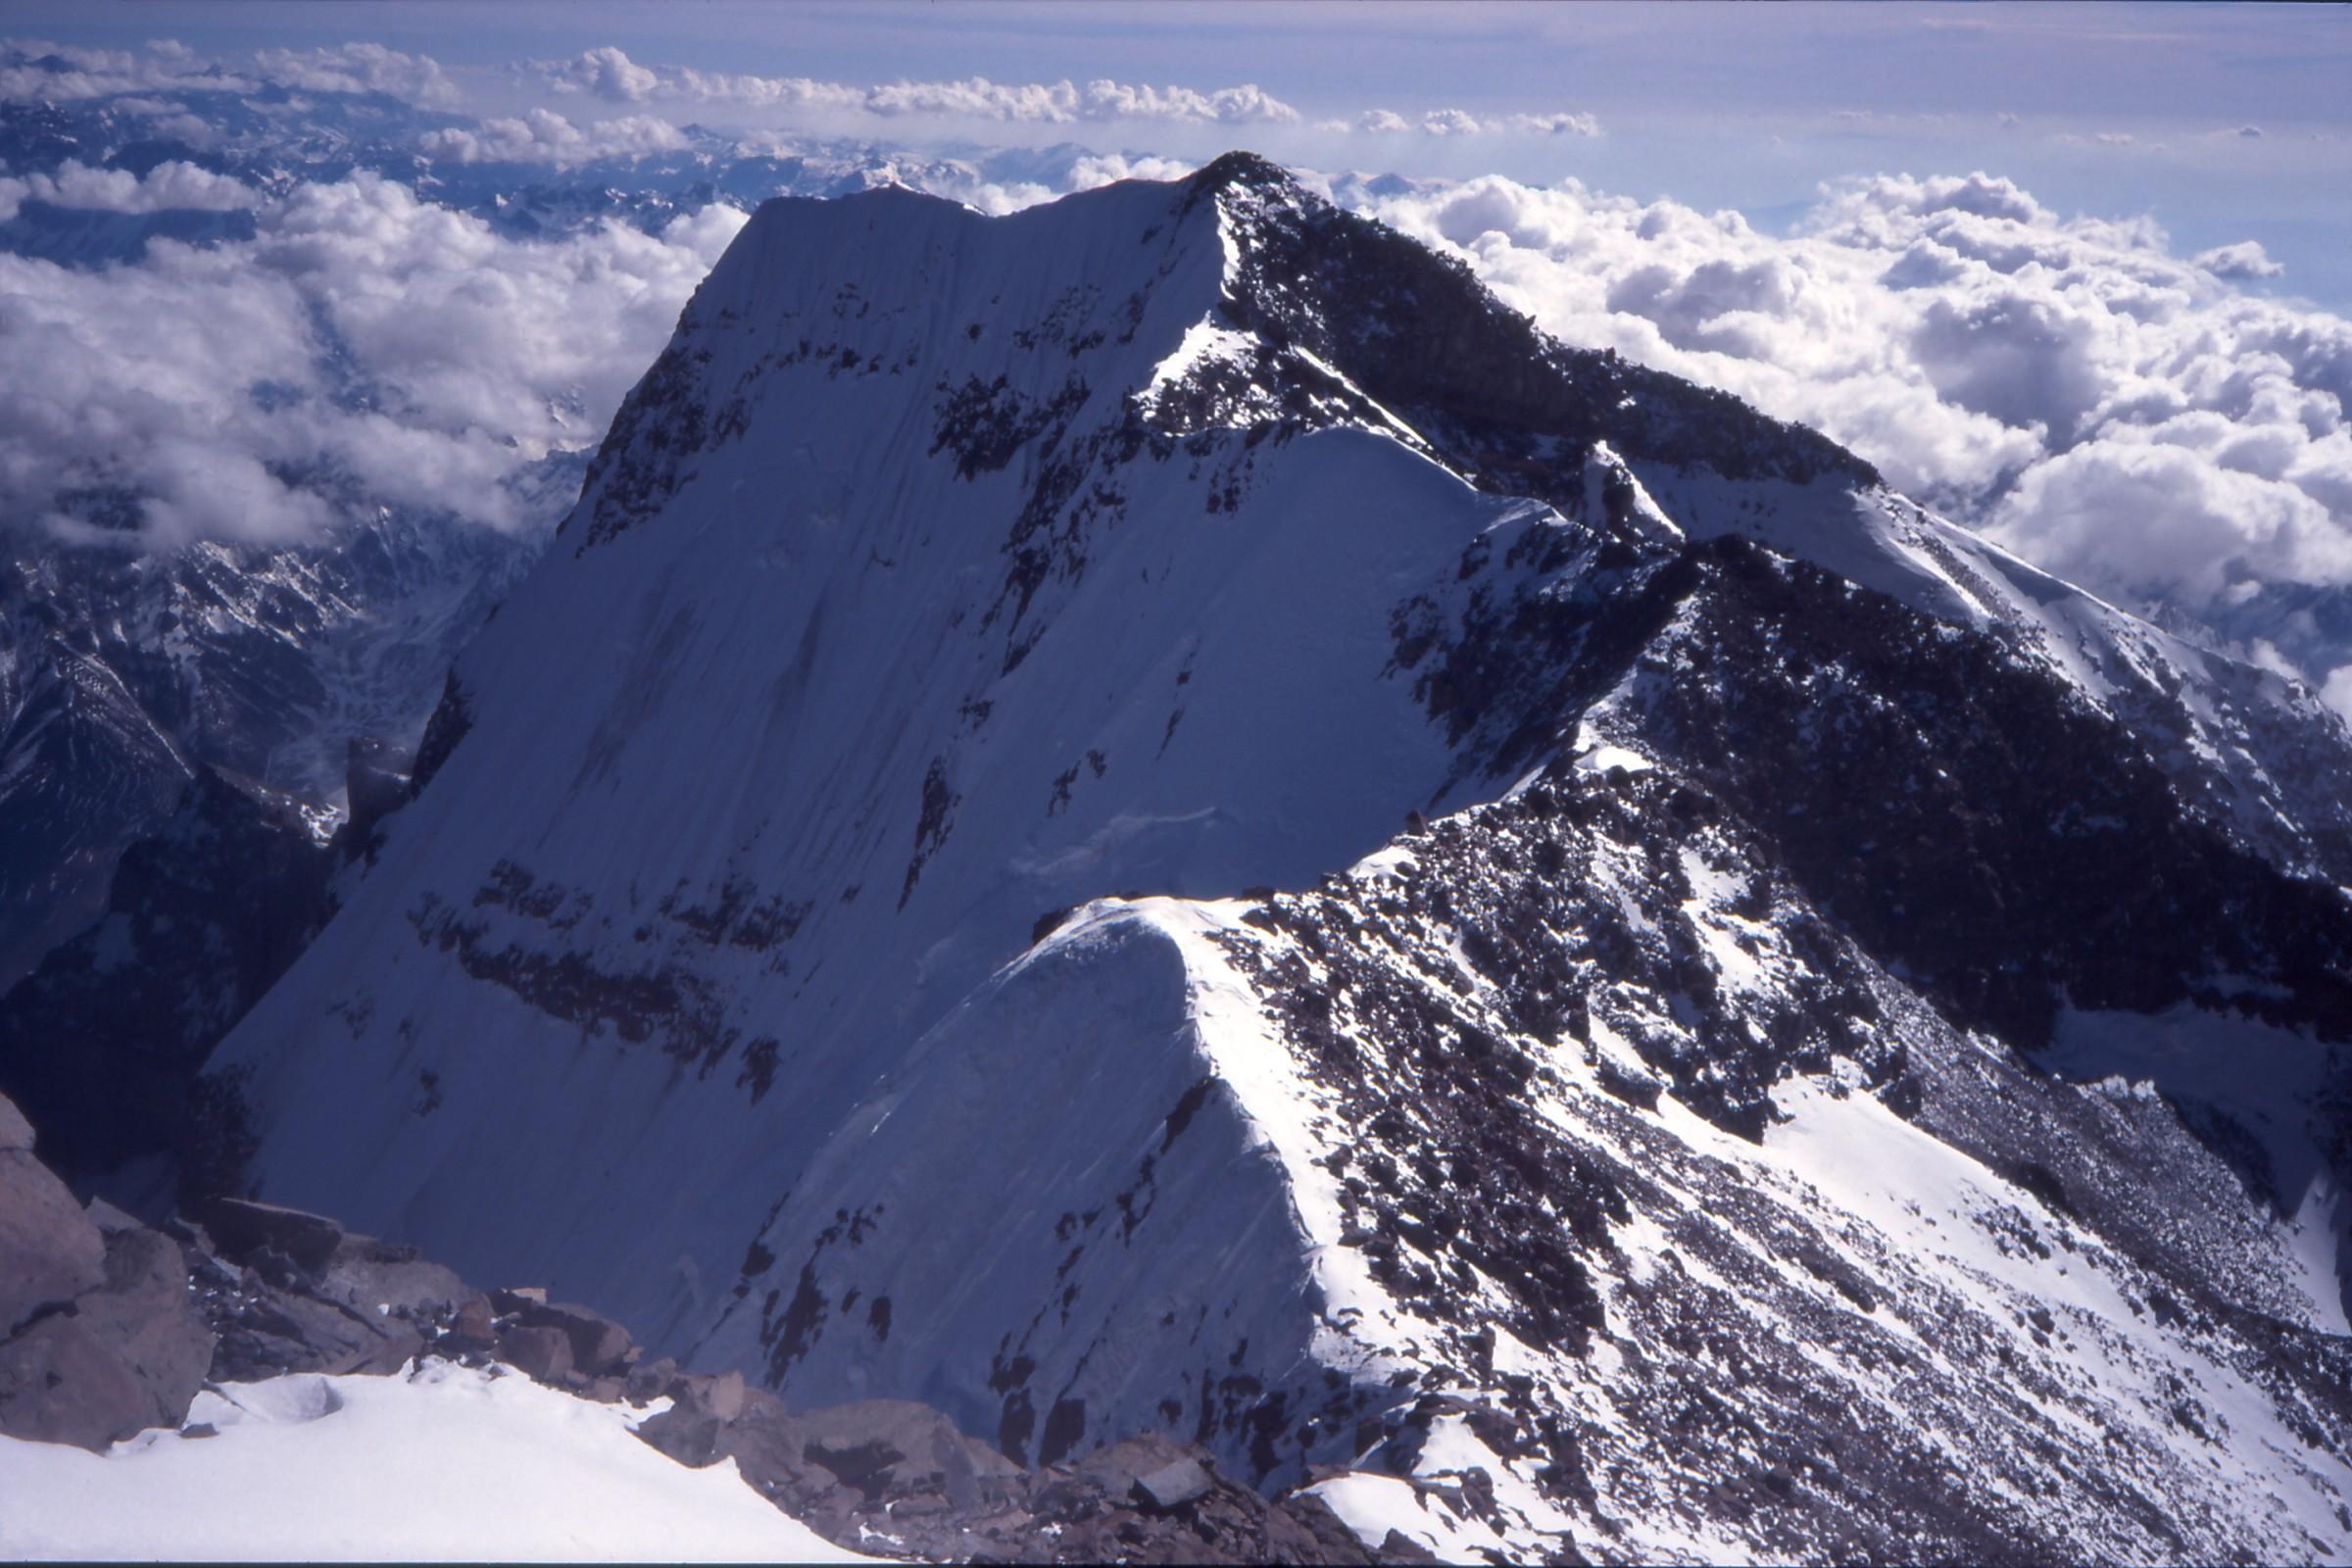 Blicken lyfts åter – mot nästa berg.